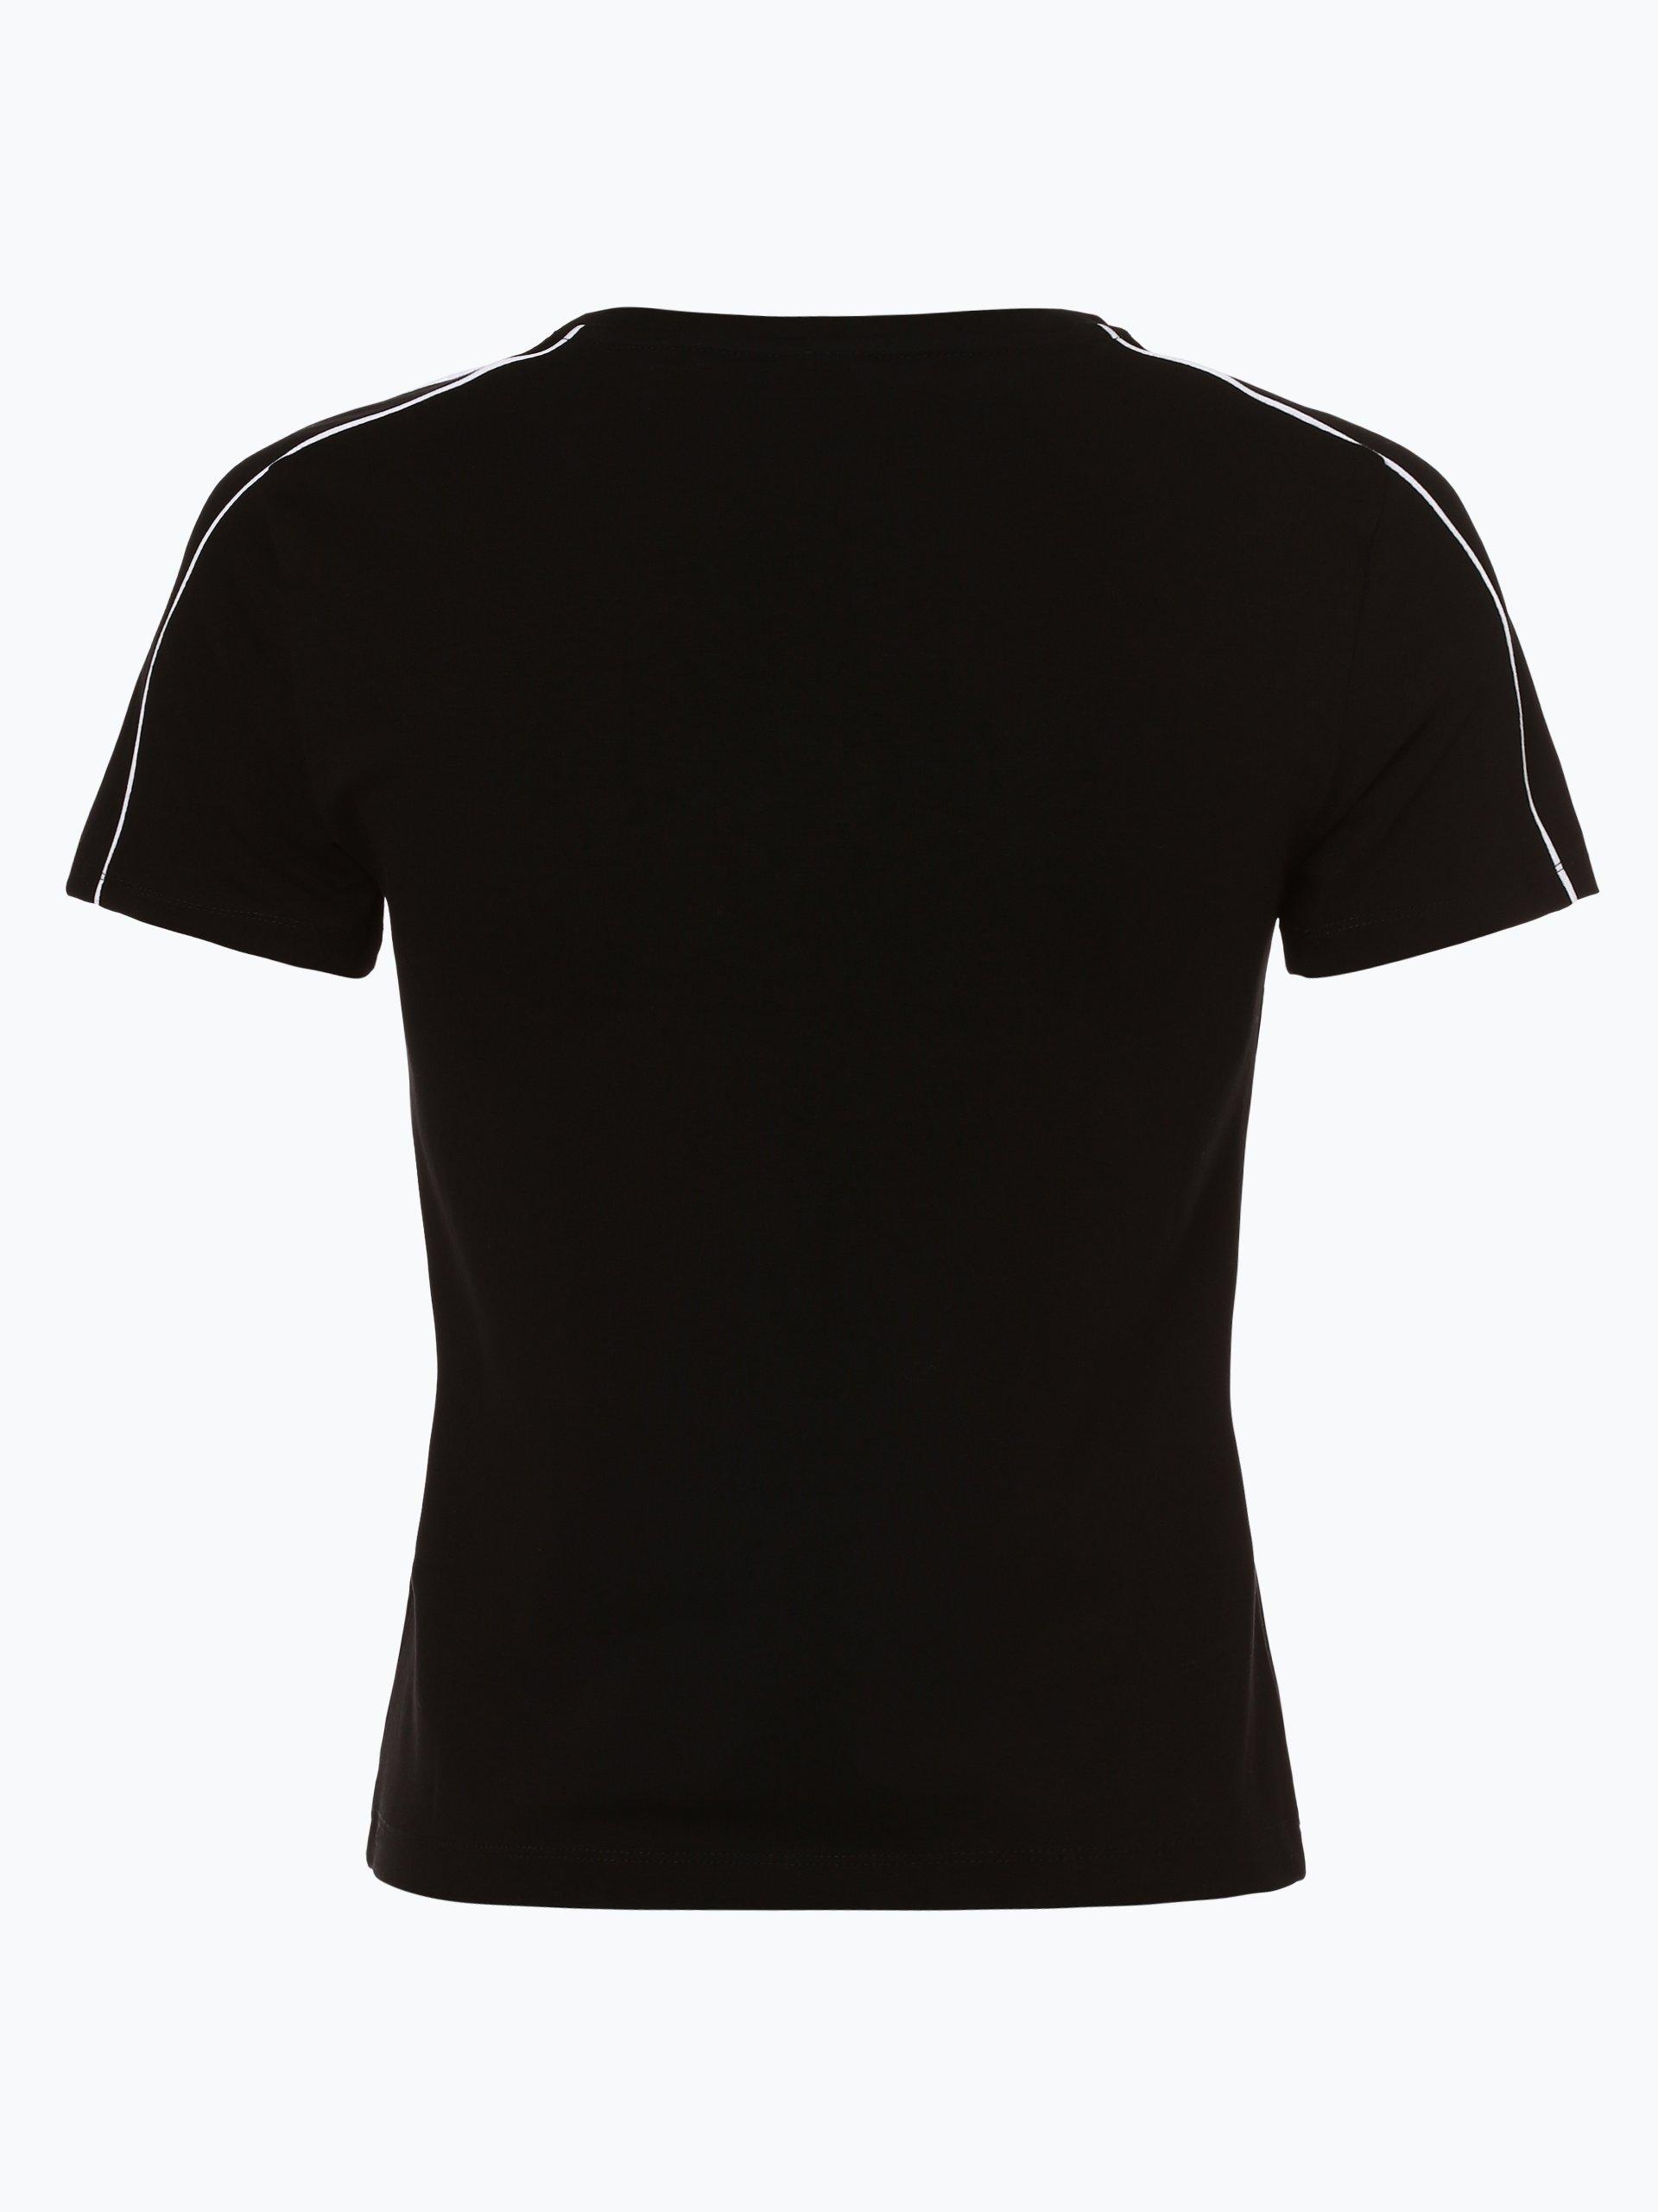 Puma T-shirt damski